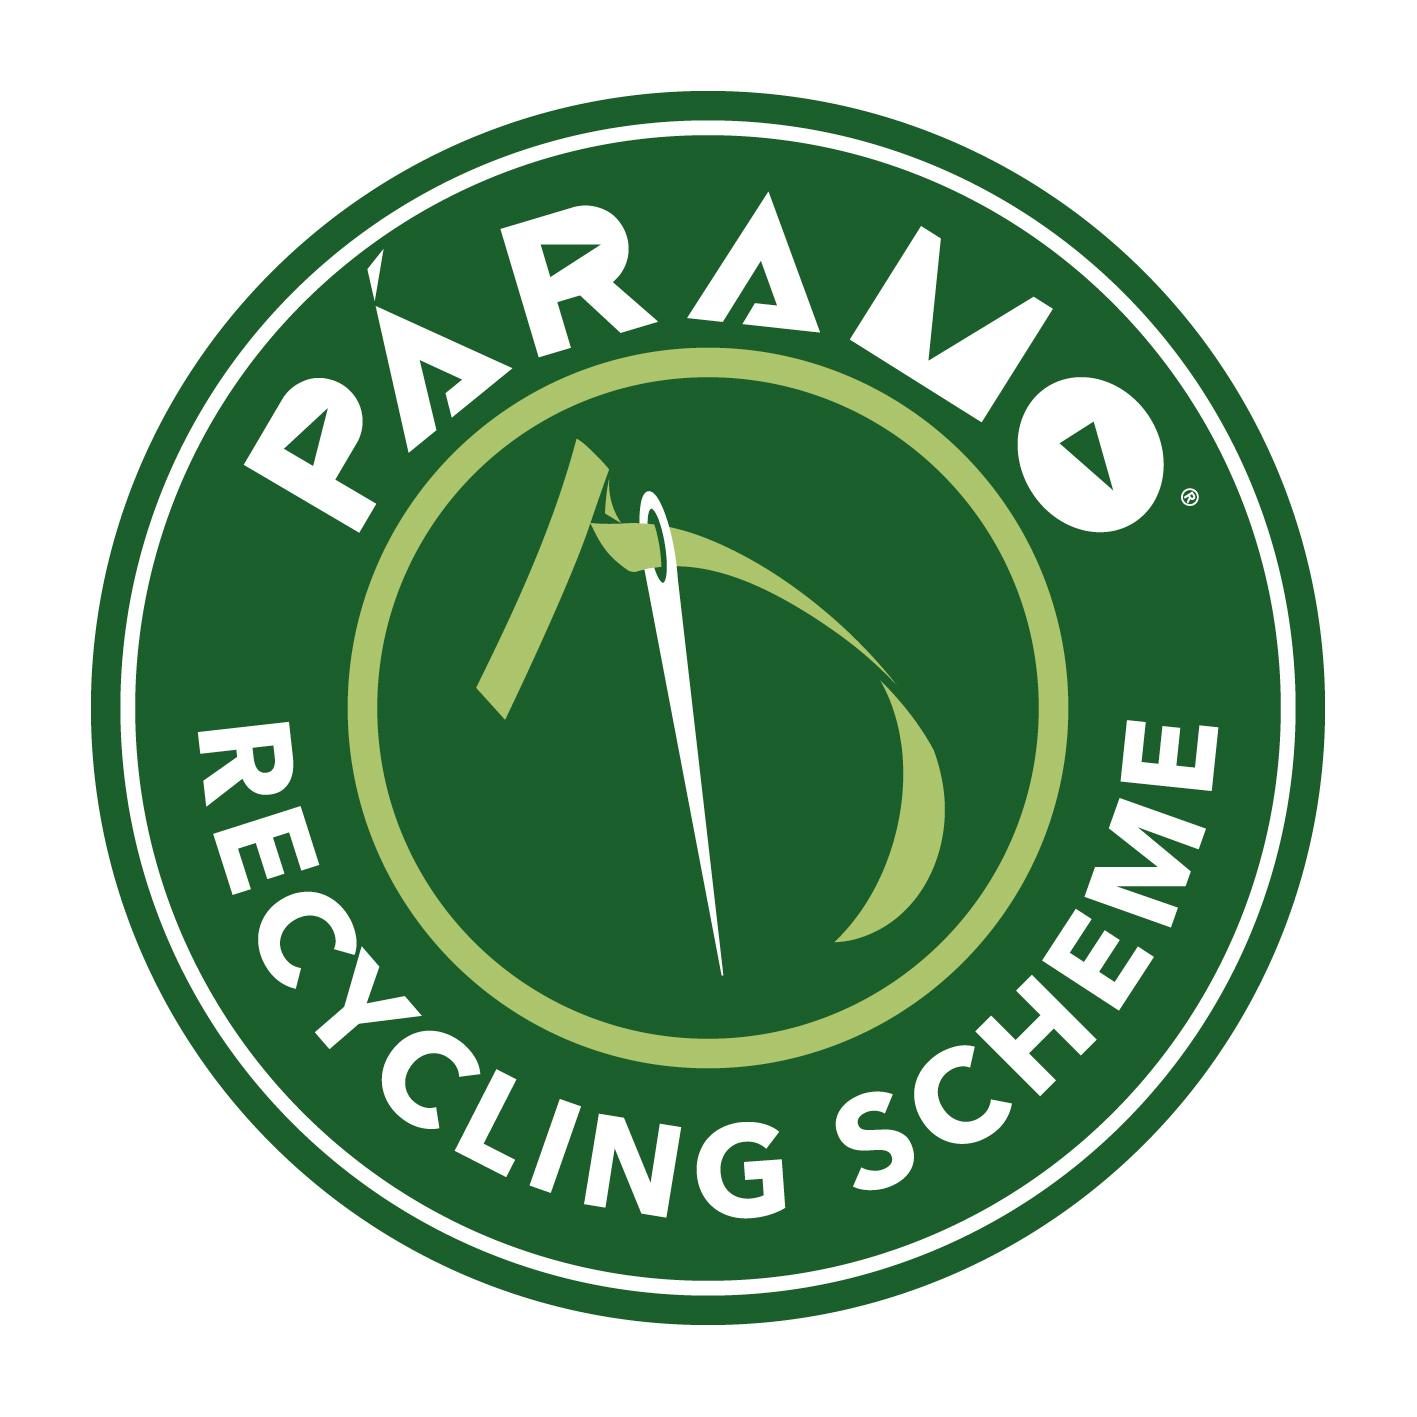 Paramo Recycling Scheme